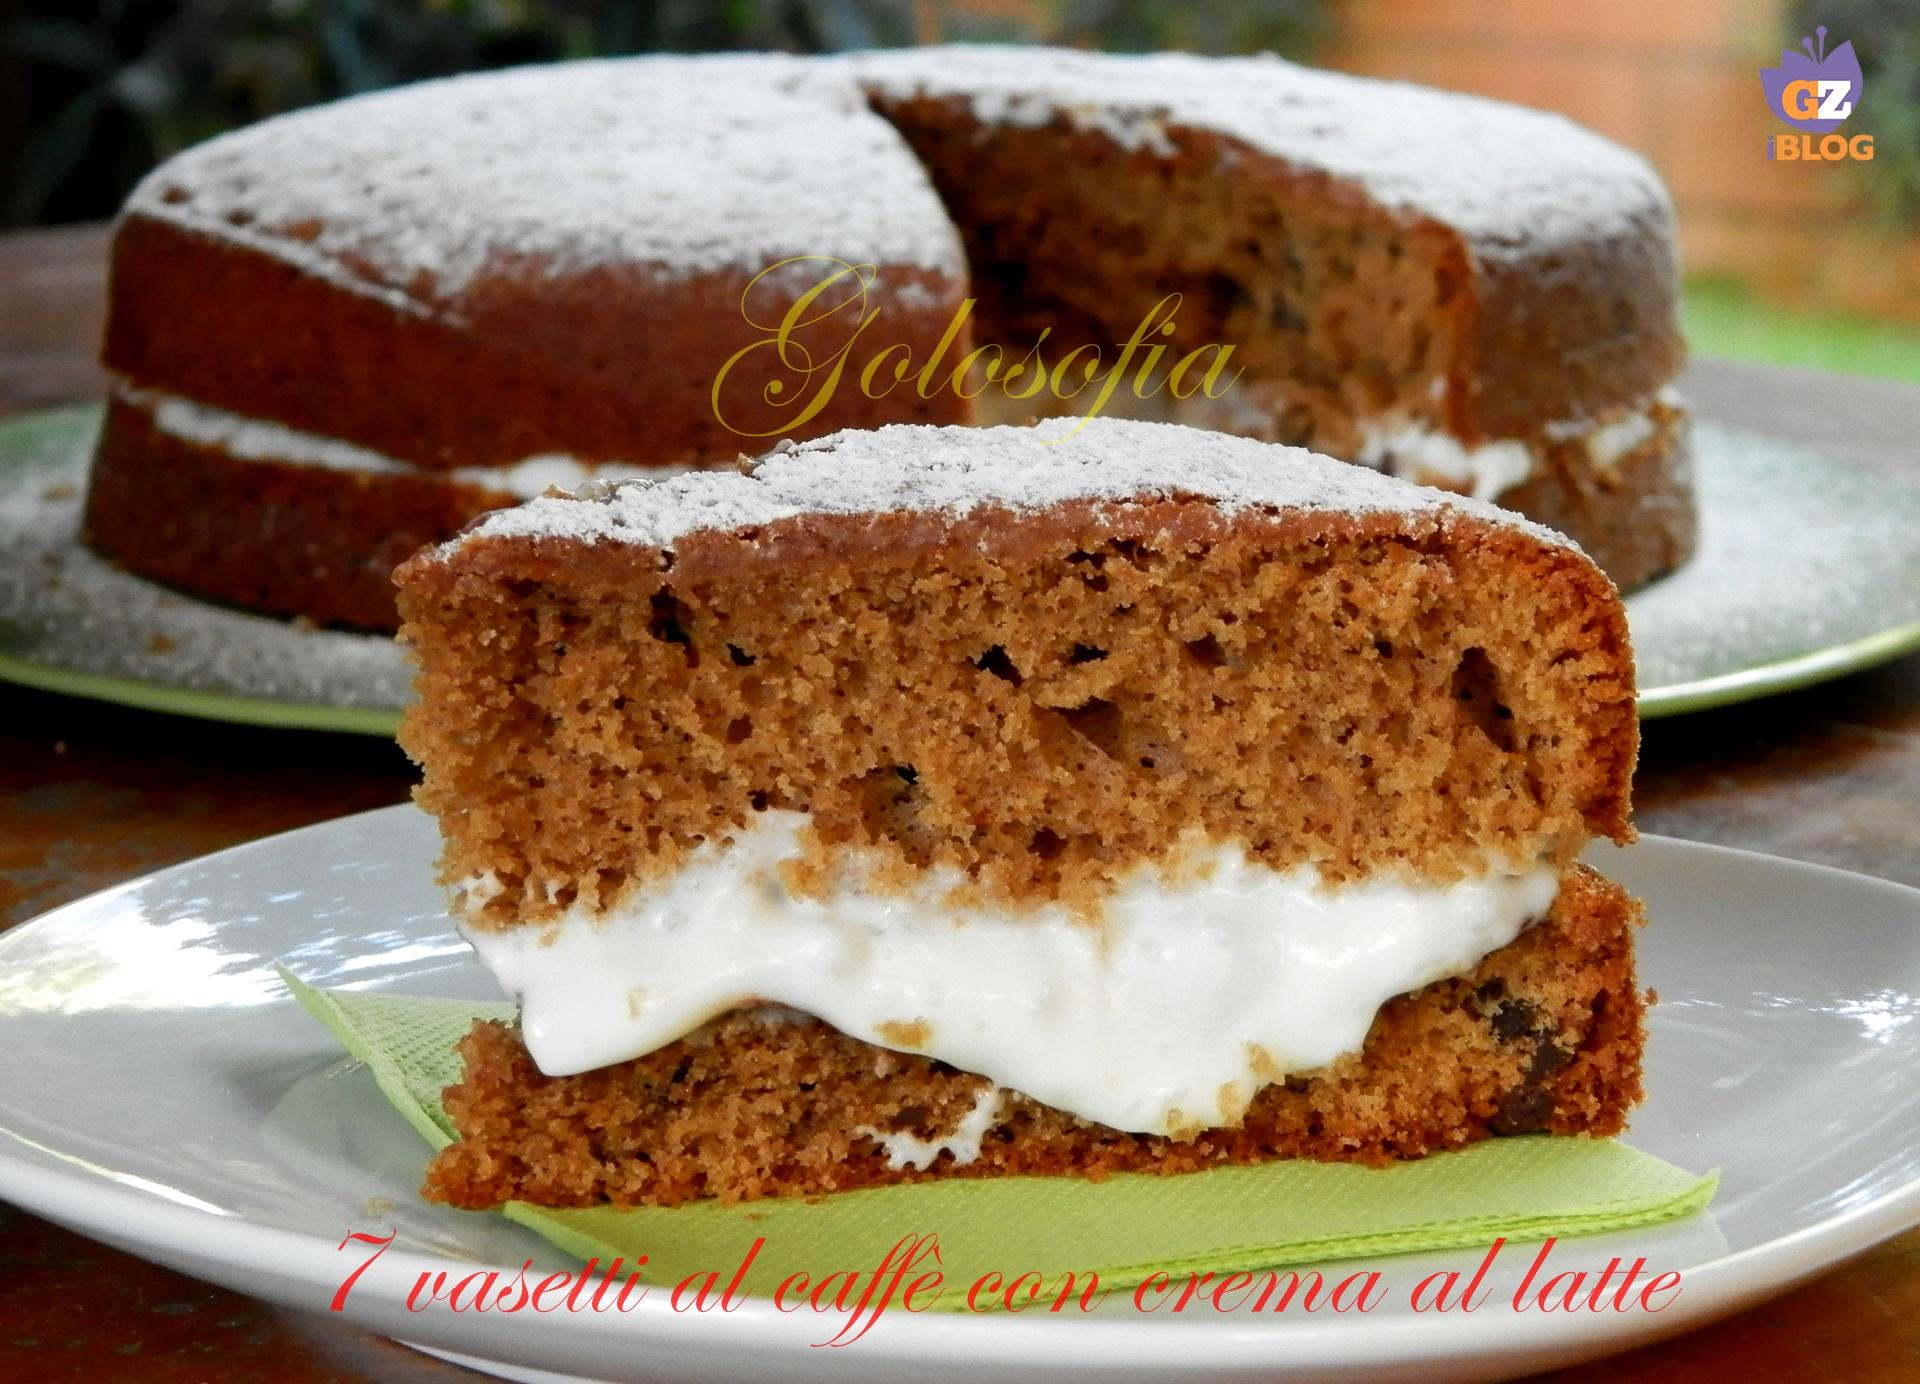 Torta 7 vasetti al caffè con crema al latte-ricetta torte-golosofia